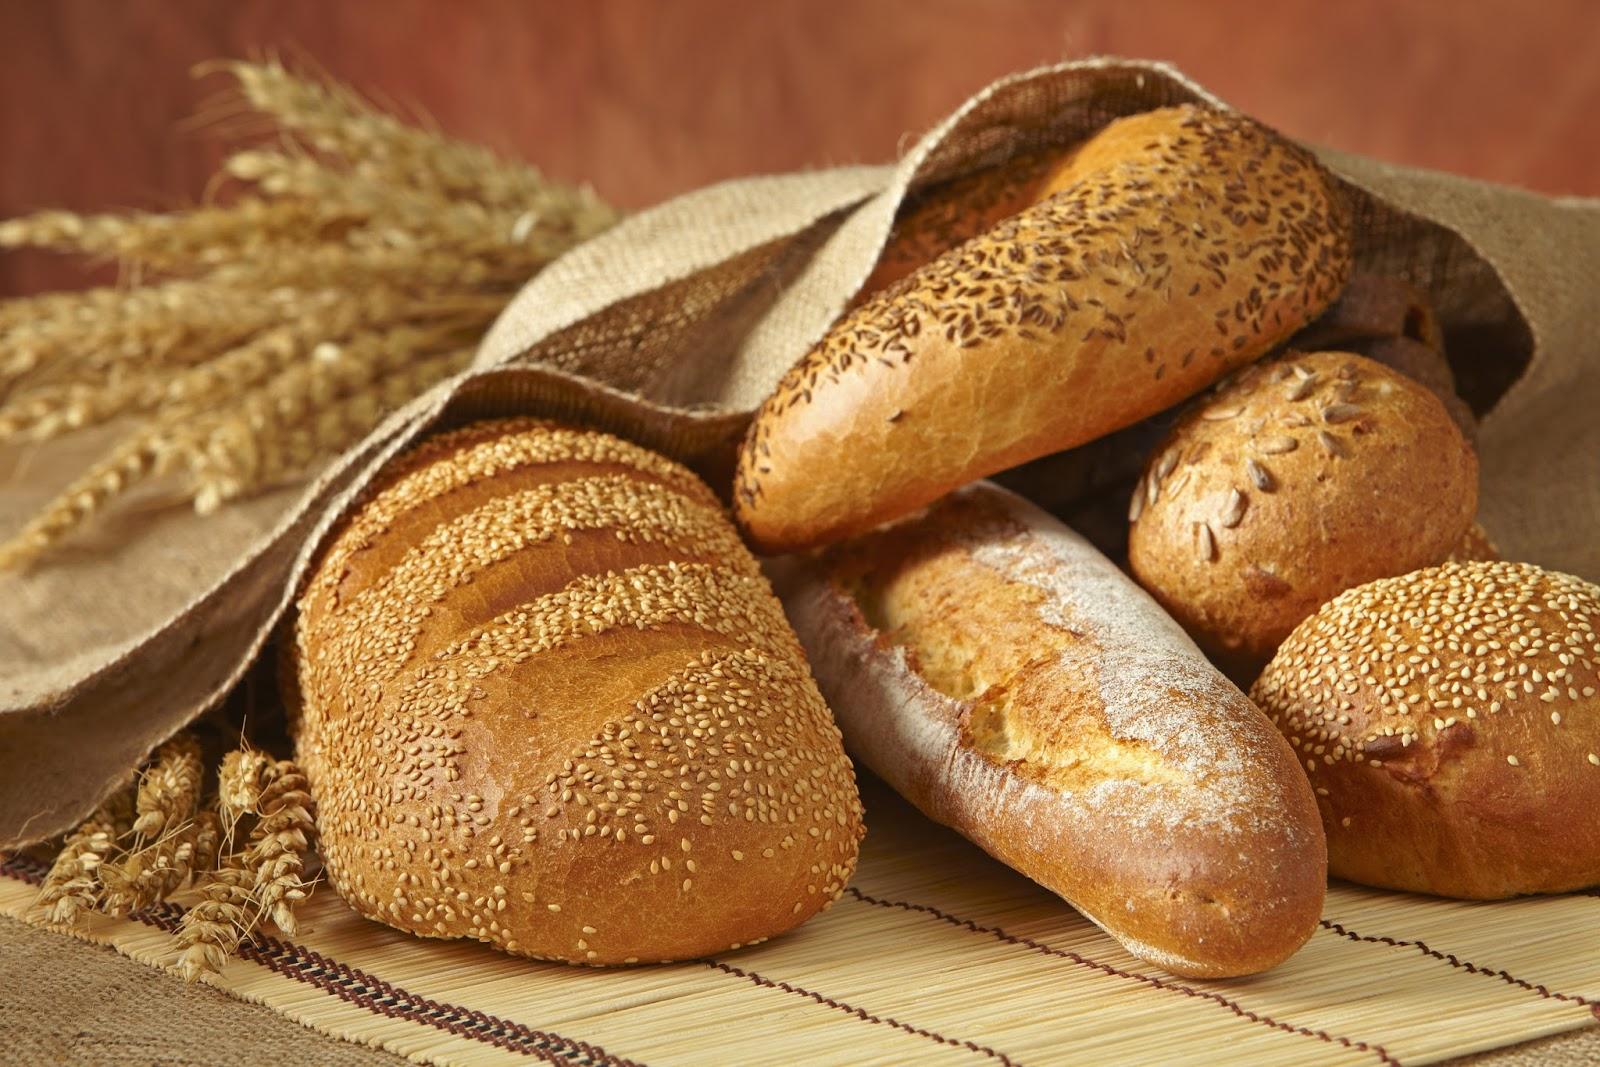 أضرار الخبز على صحتك!